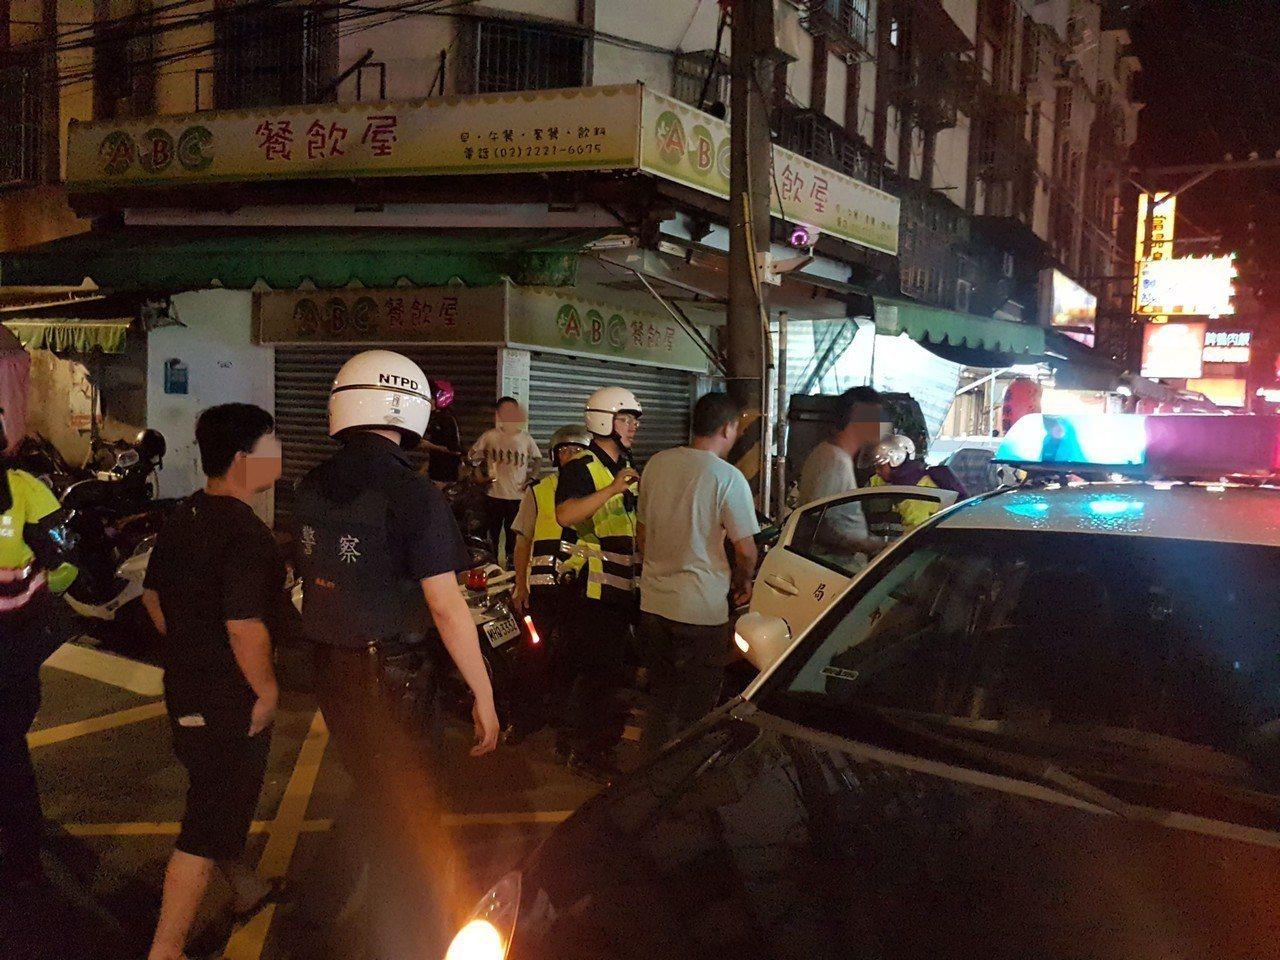 警方獲報抵達現場後,帶走鬧事數人。記者柯毓庭/翻攝